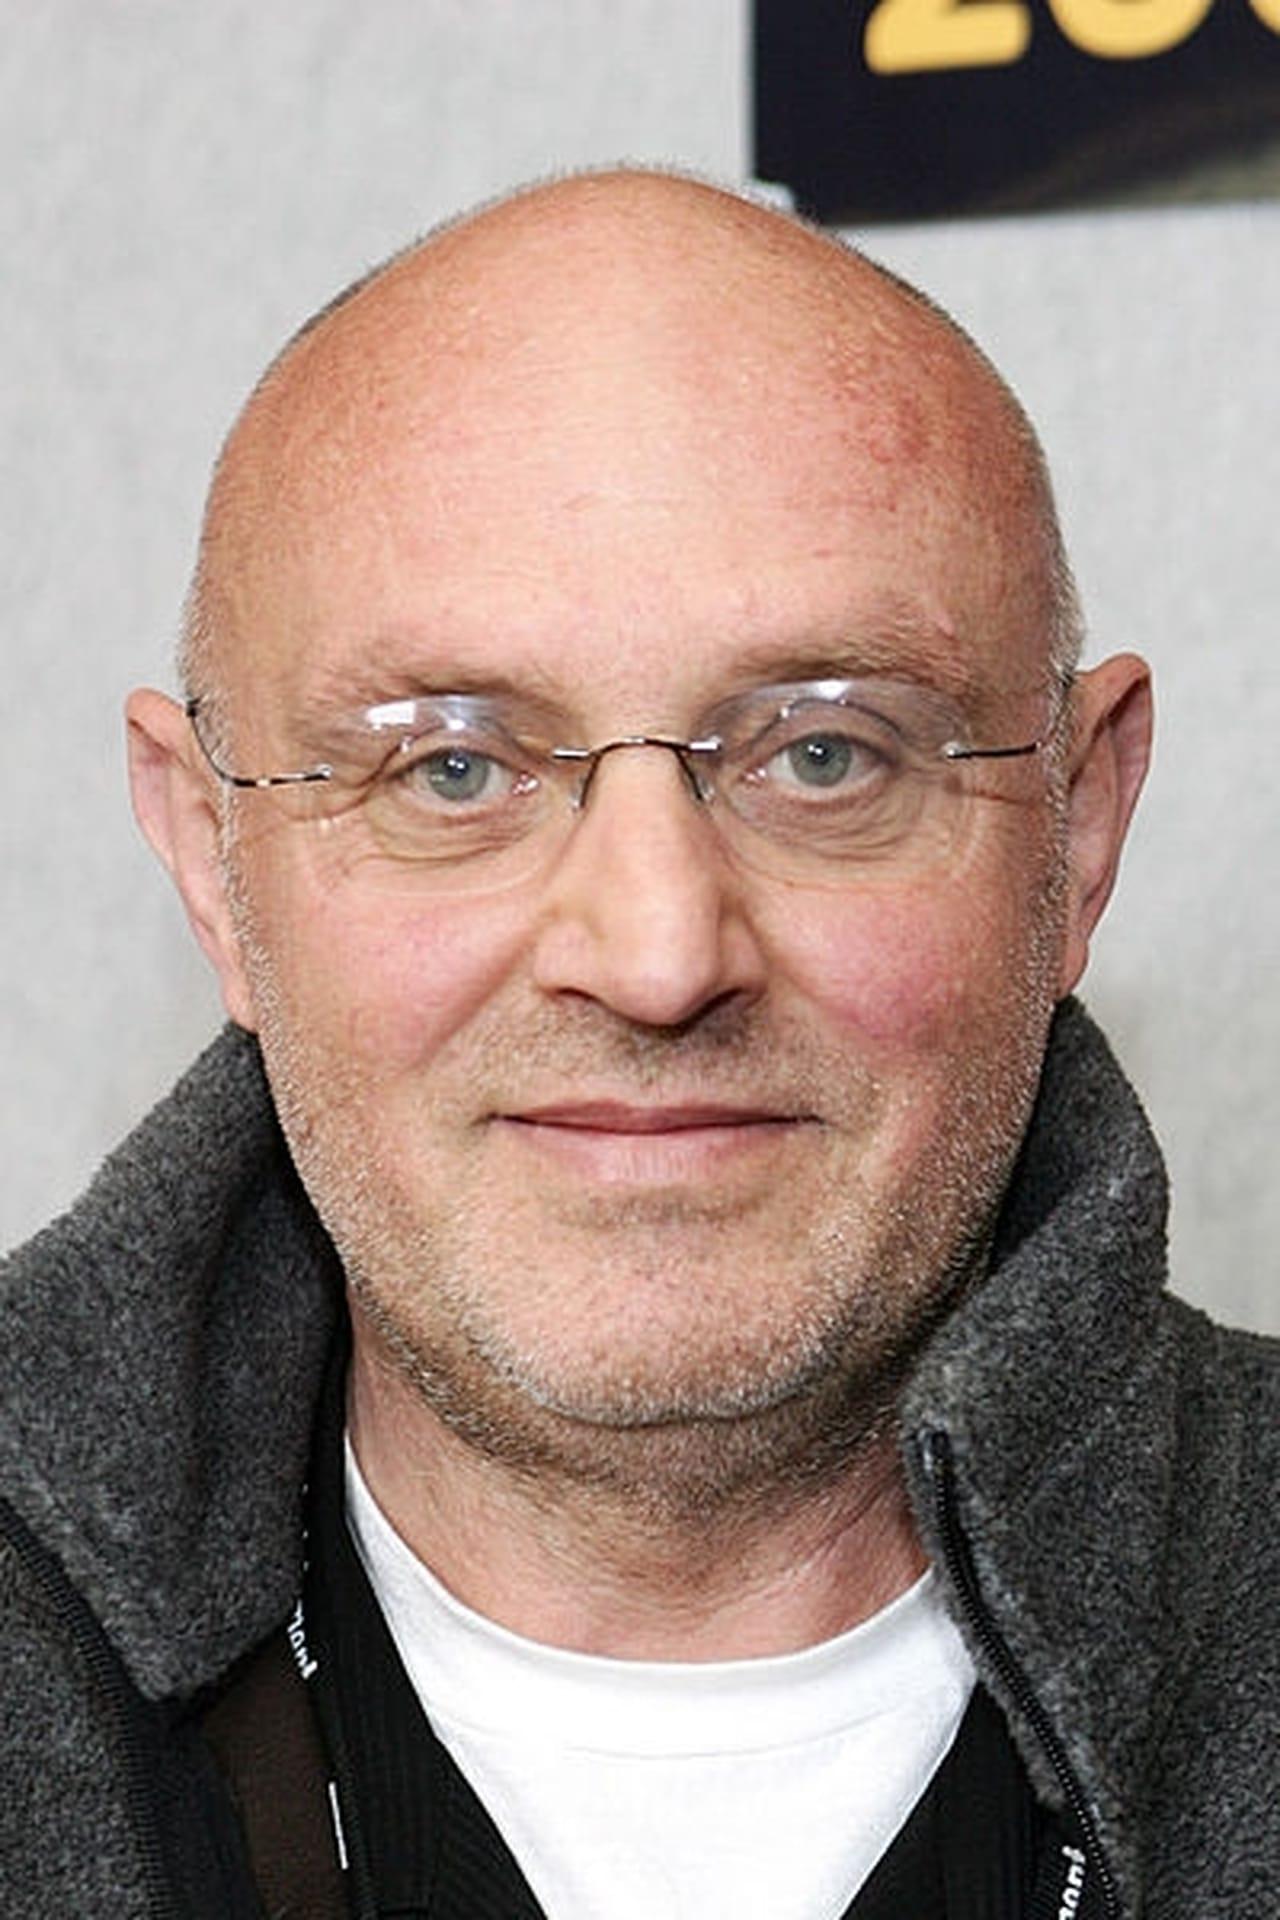 Chris Sievernich